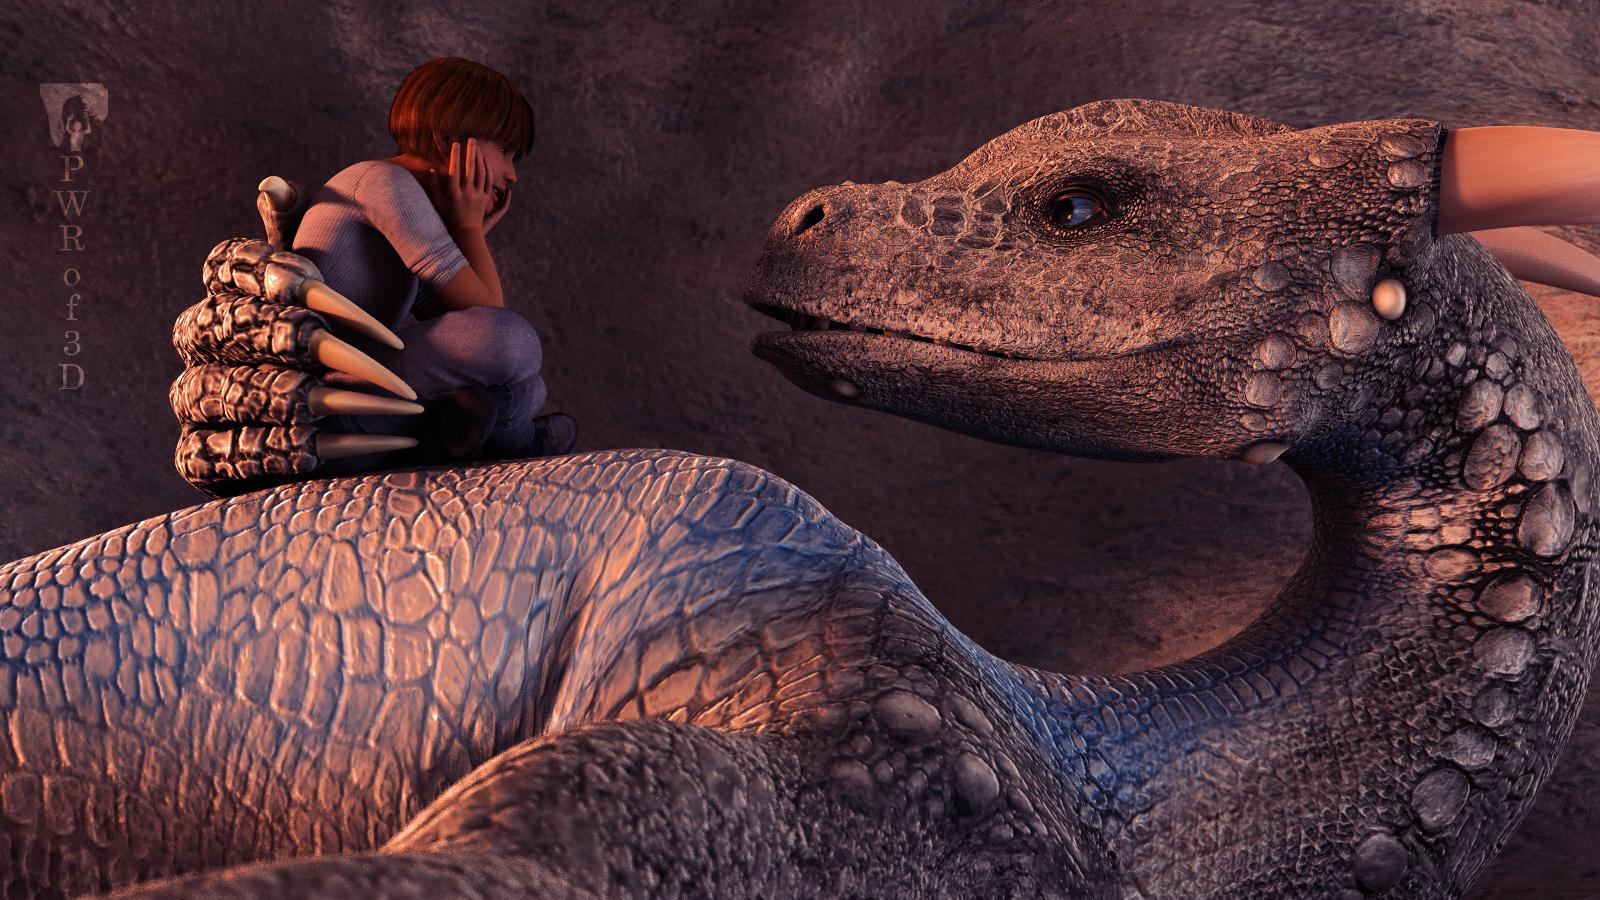 3d dragon vore nude gallery